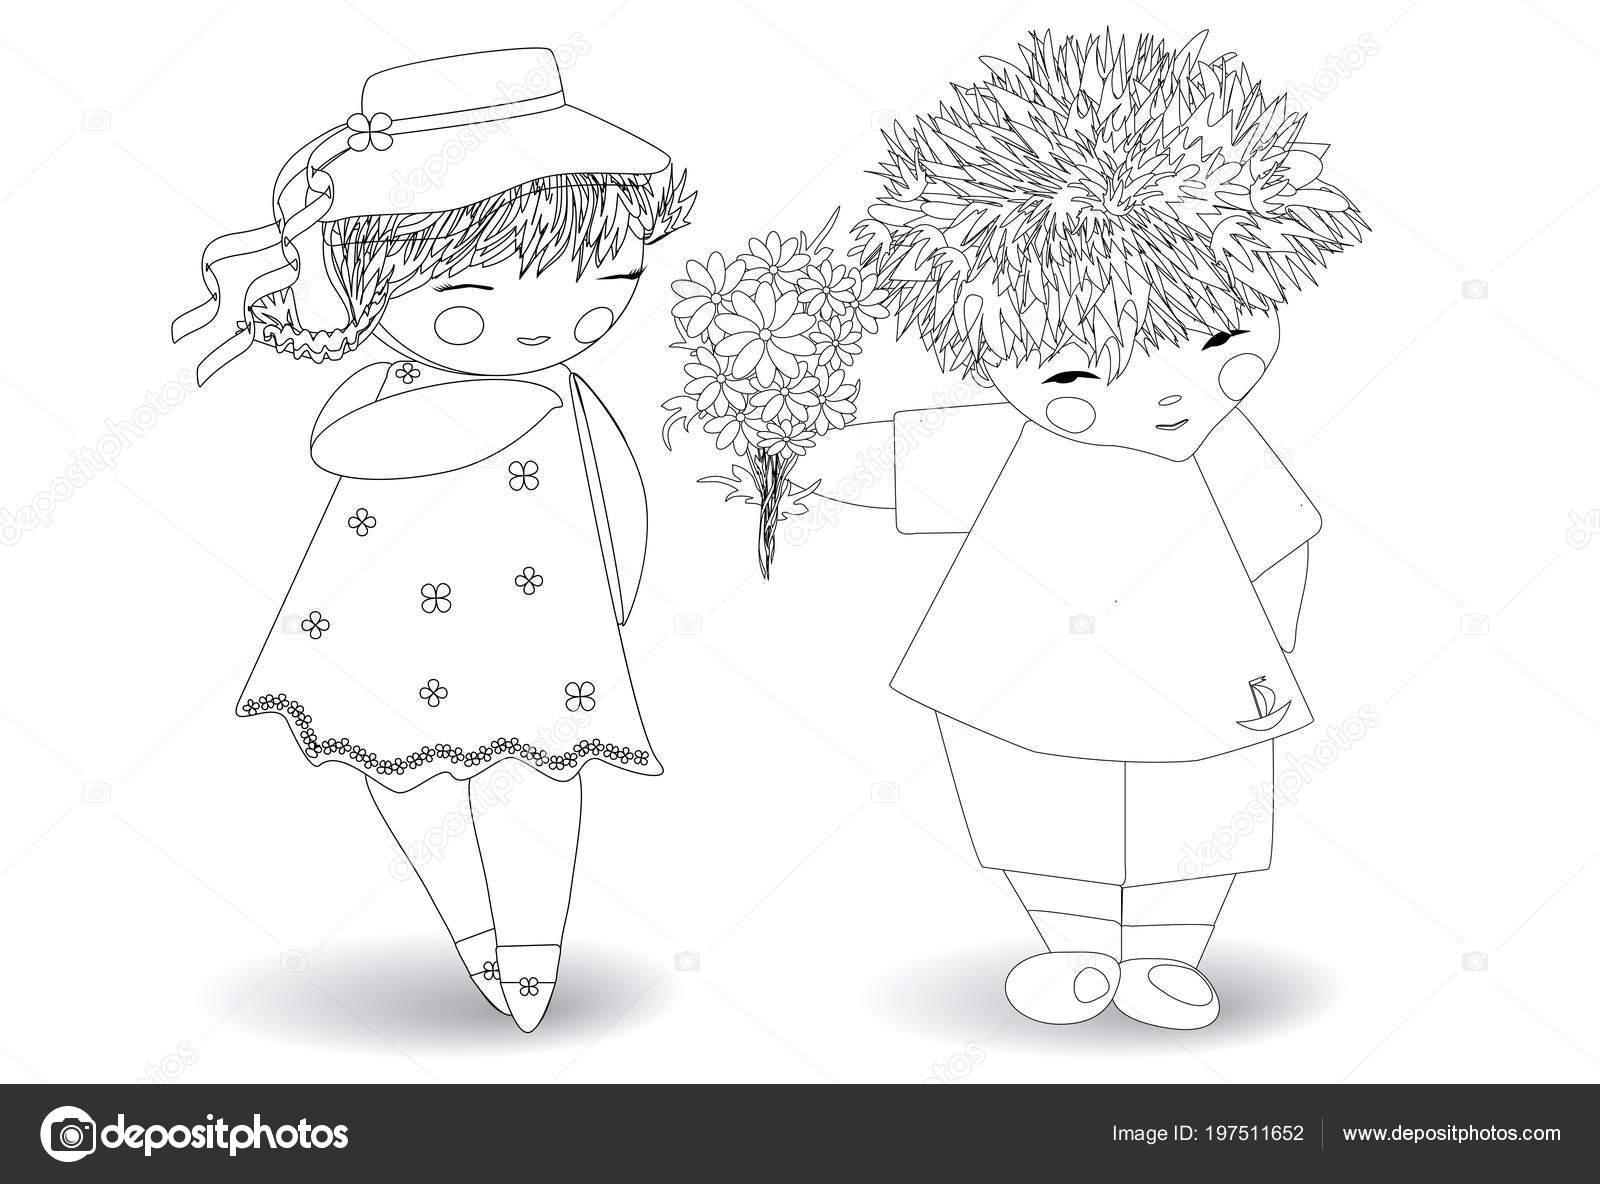 Disegni Colorare Adulti Bambini Ragazzo Alla Ragazza Mazzo Fiori